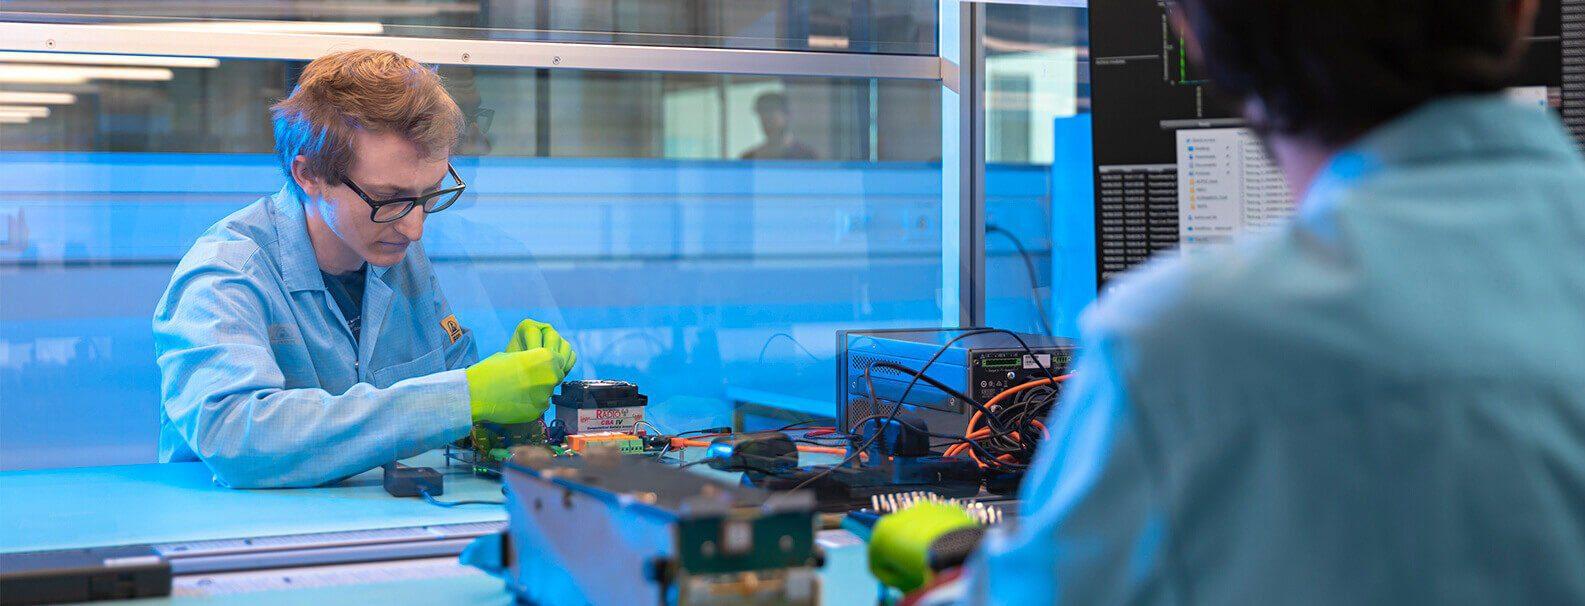 astrocast_careers-lab-satellite-innovation